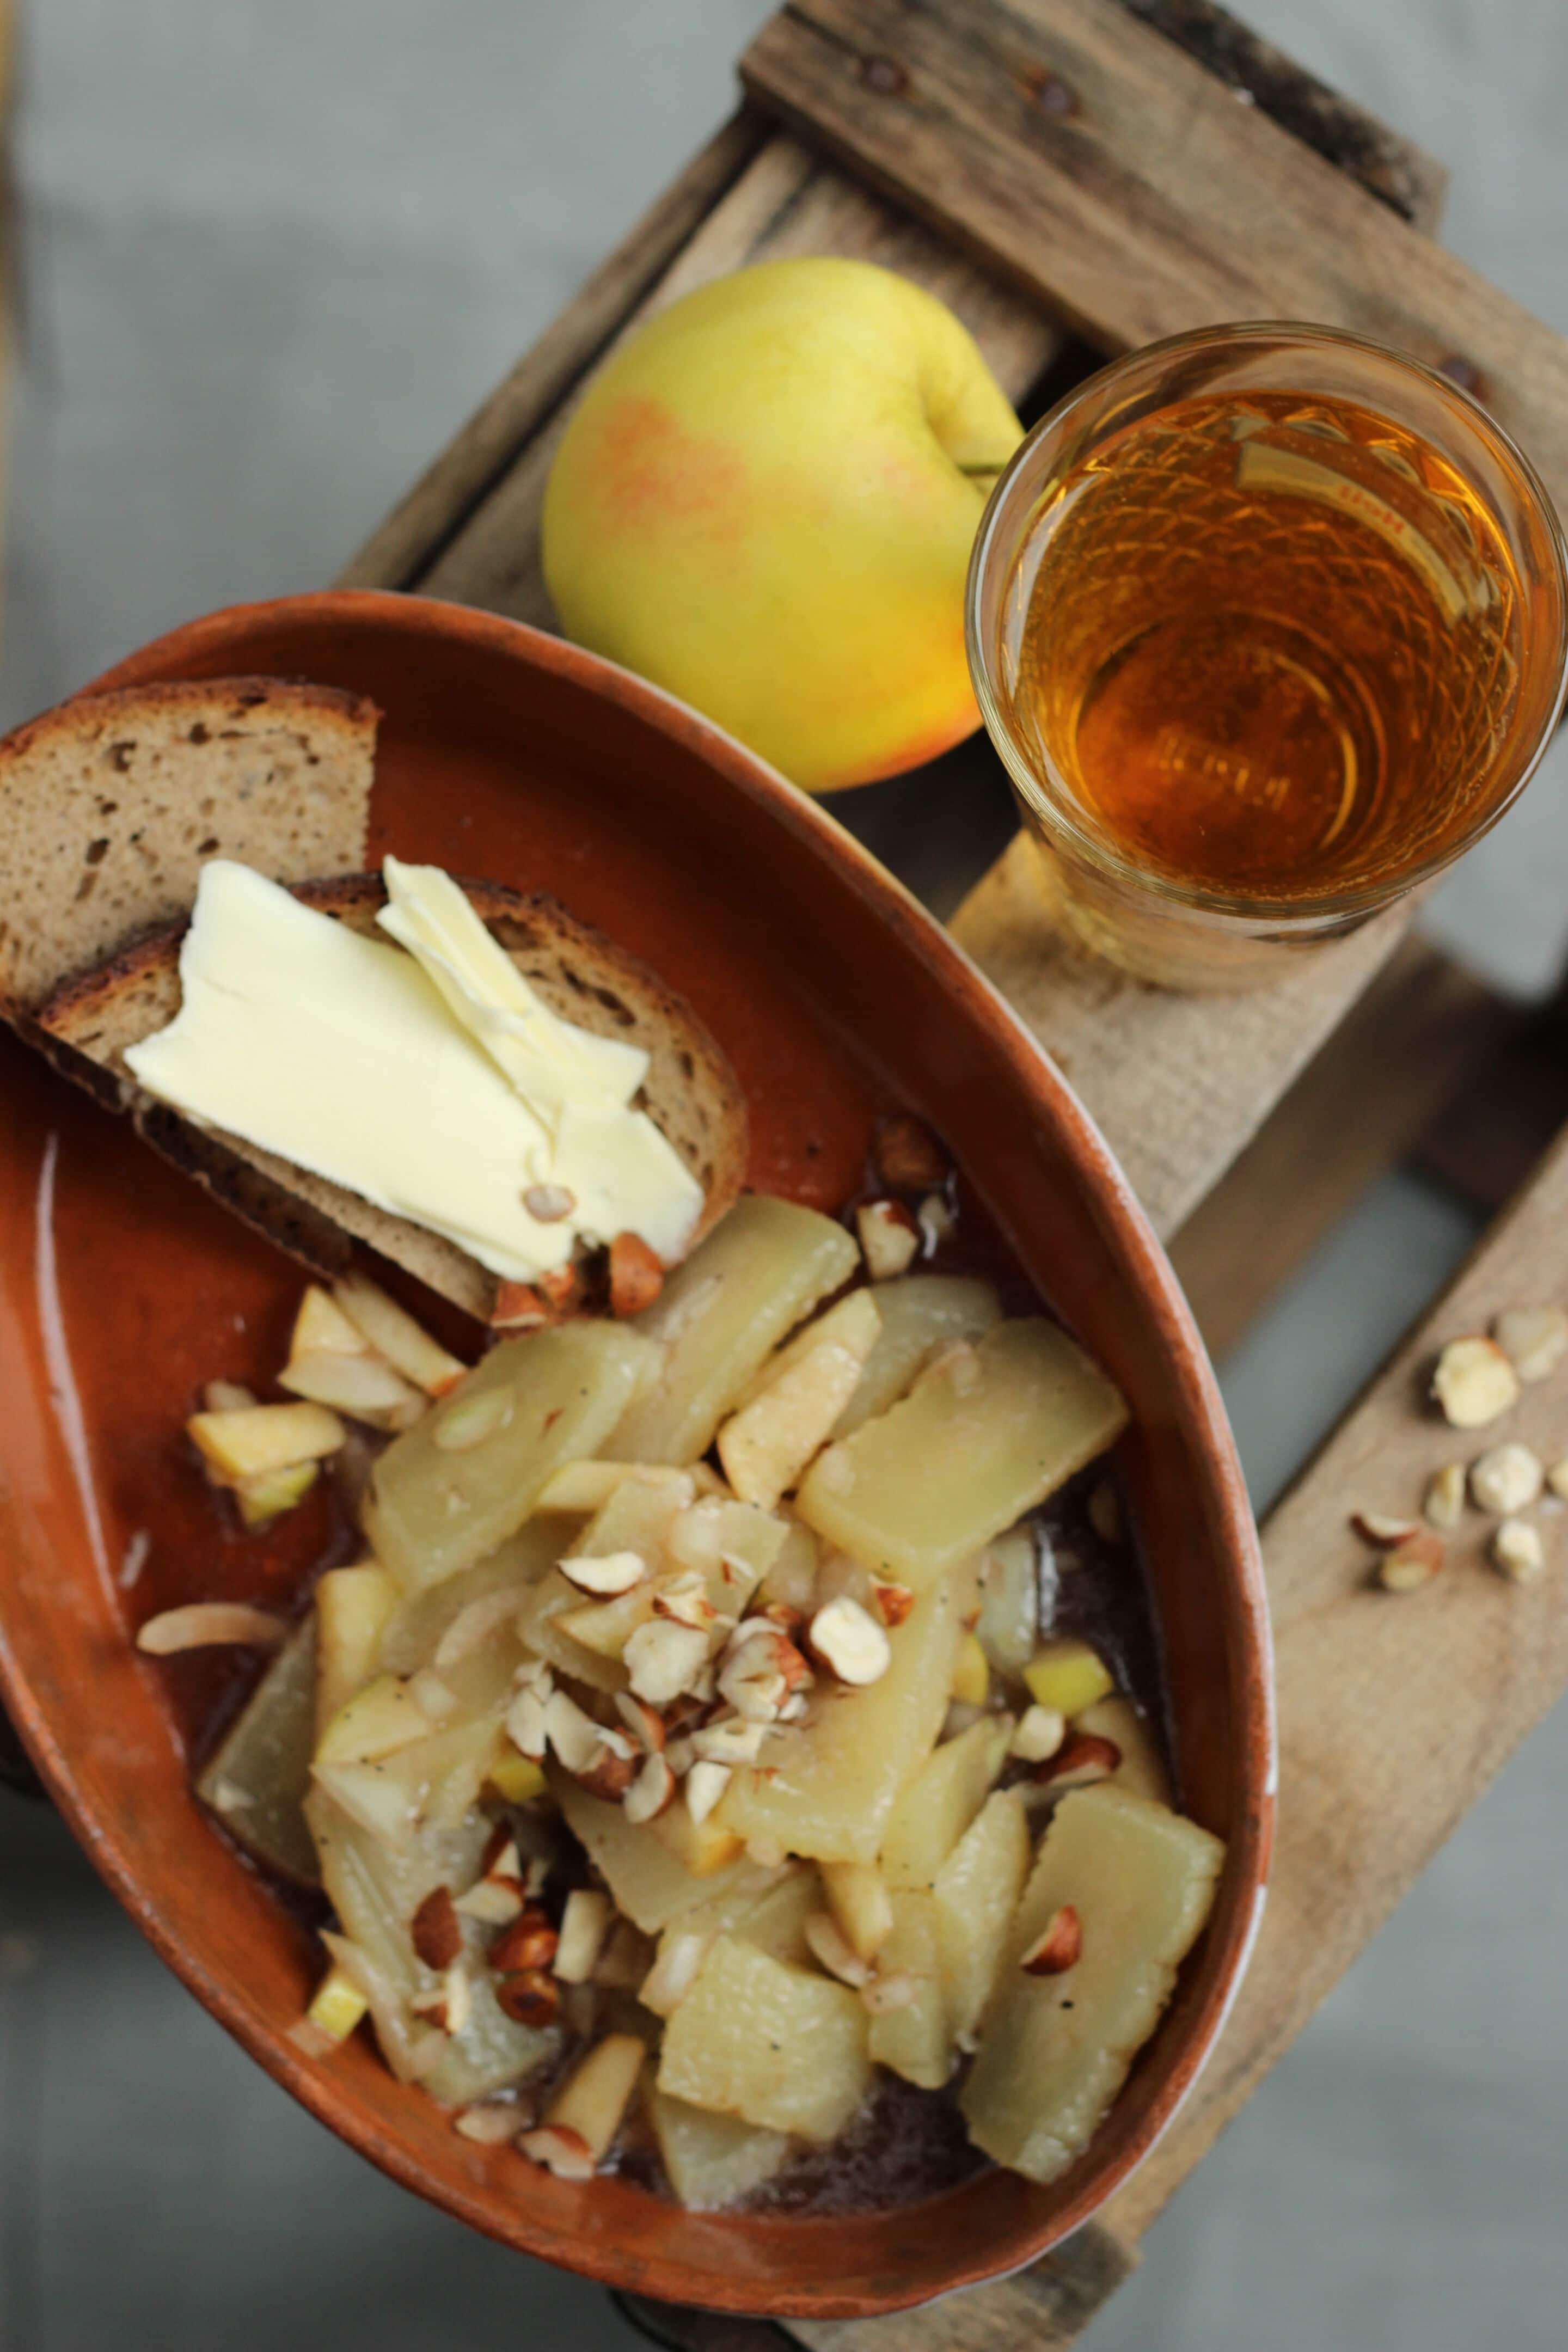 Handkäs'-Salat mit Mussigg oder Anneliese bloggt Vol. 1